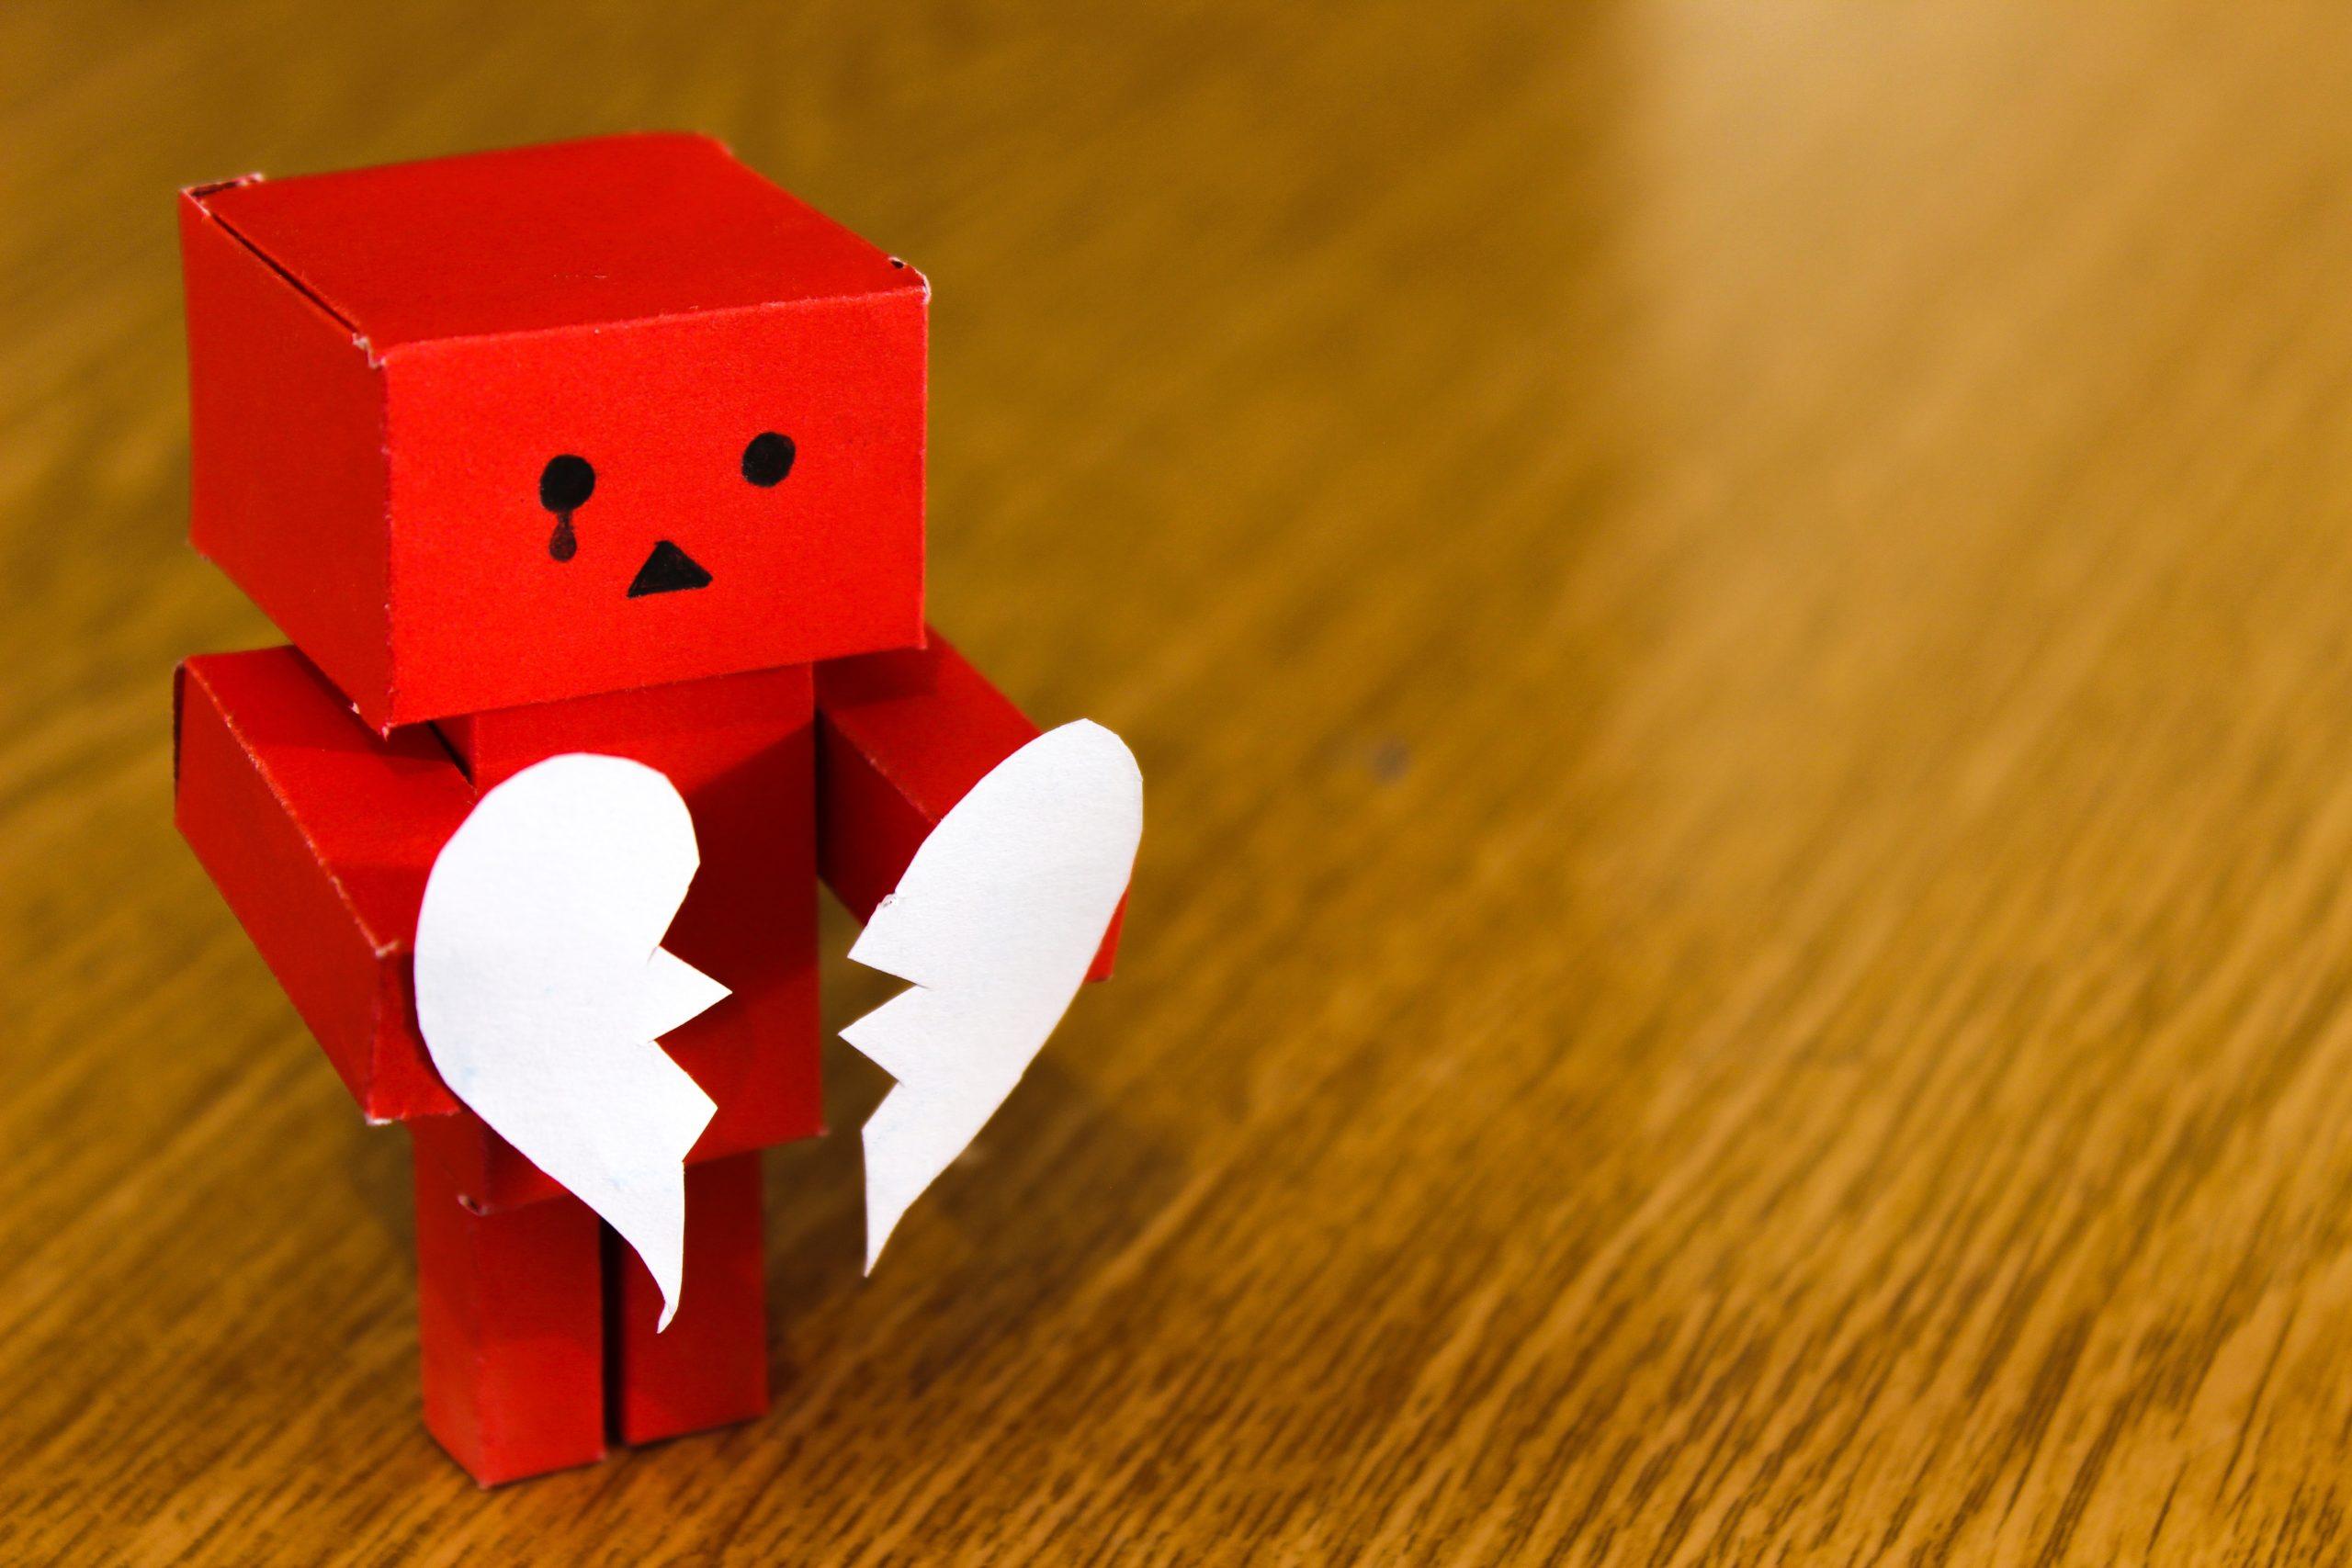 Unglücklich verliebt - Wenn Liebe einseitig ist